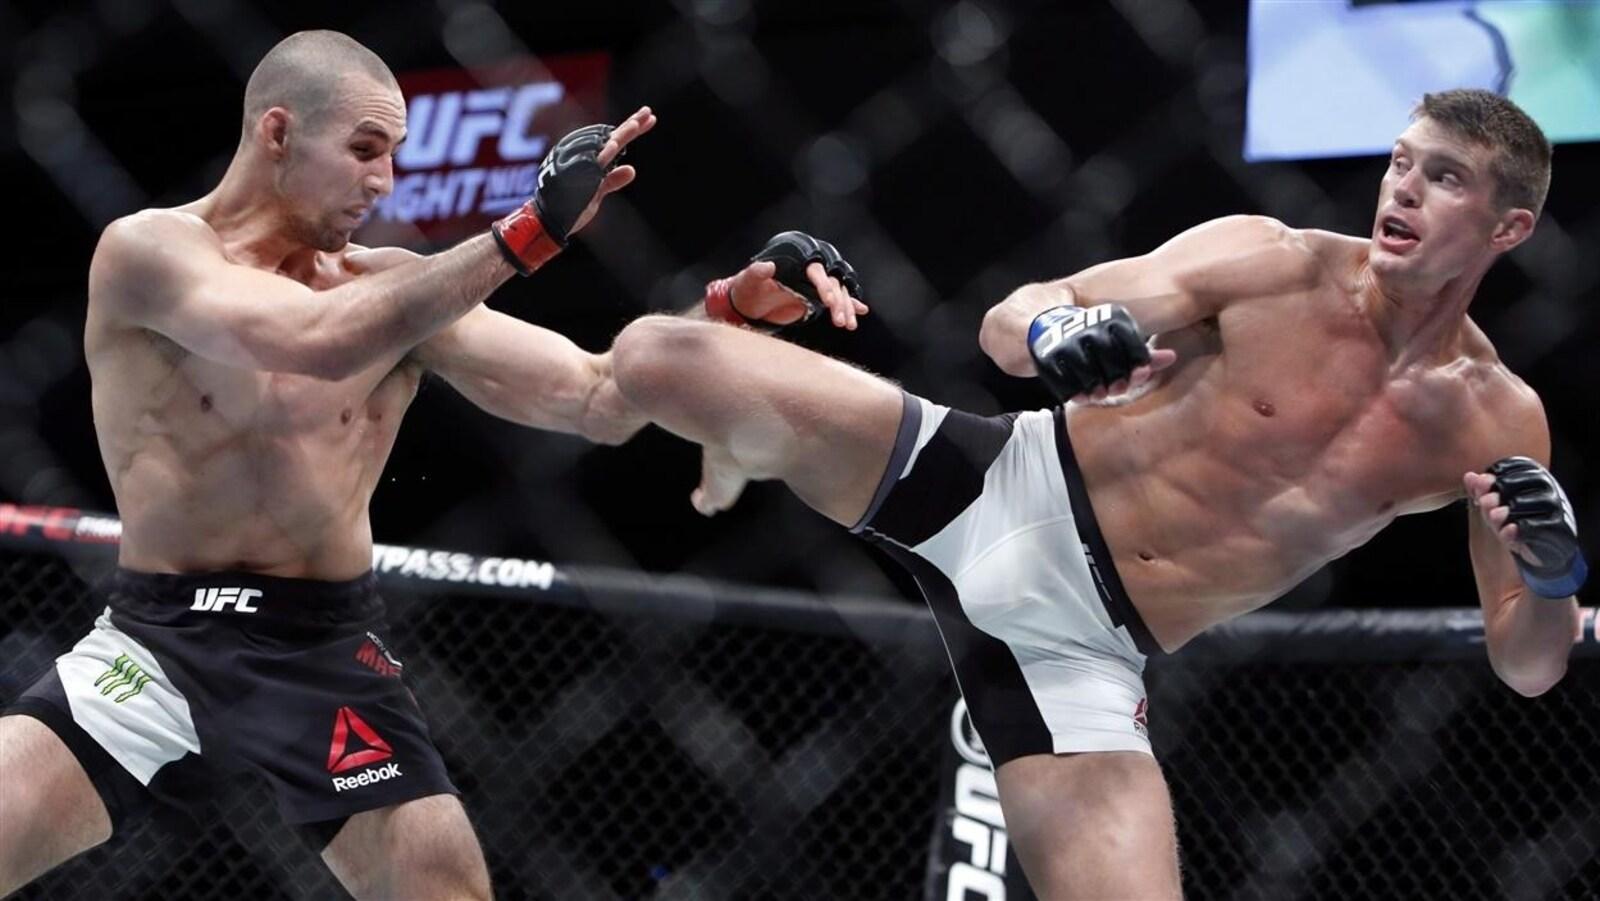 Stephen Thompson, à la droite, donne un coup de pied à Rory MacDonald pendant un combat de UFC, à Ottawa, le samedi 18 juin.